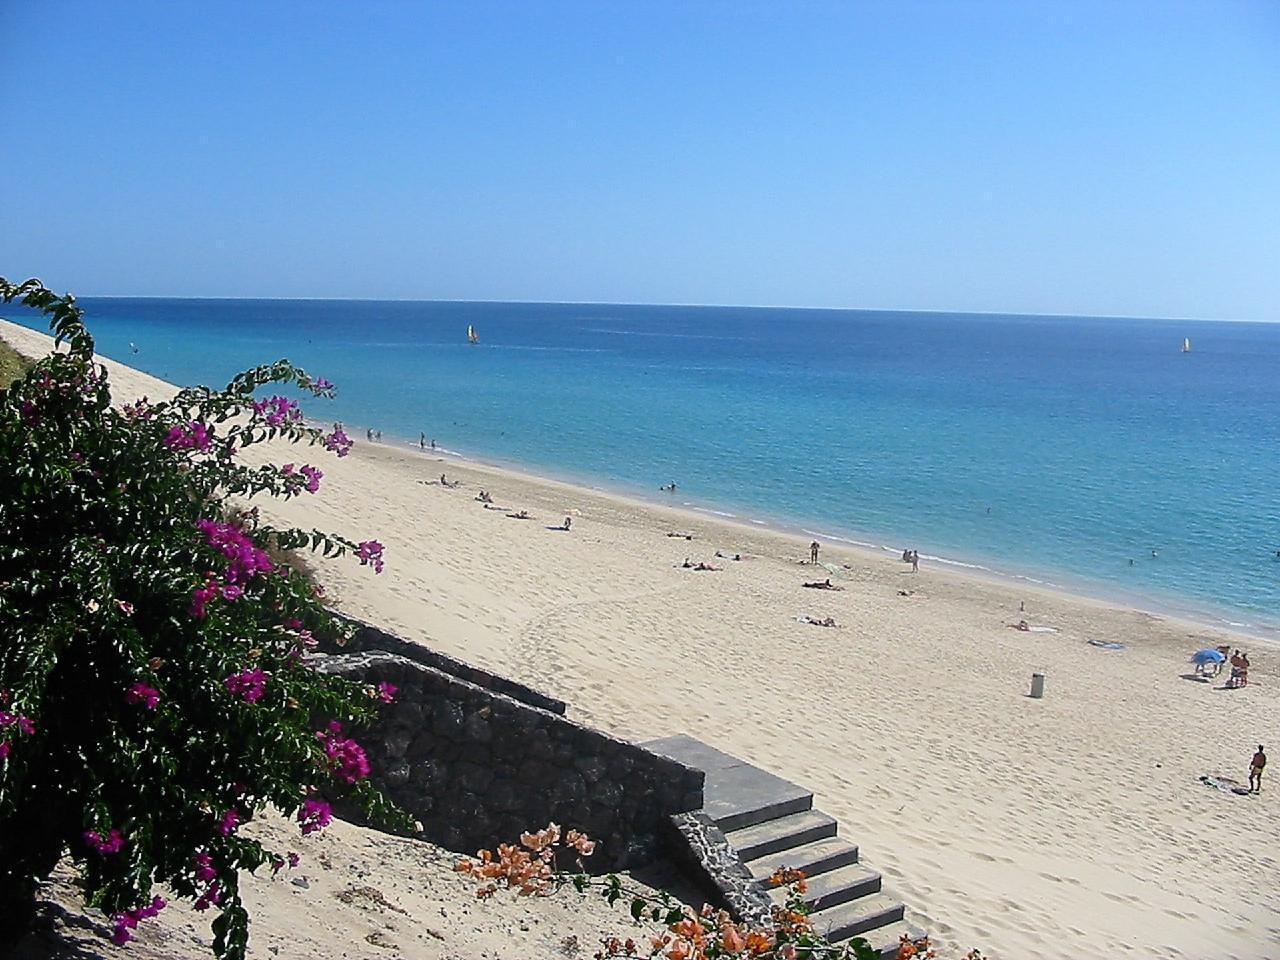 Ferienwohnung Apartment 2 / 4er Direkt am Meer, mit Blick auf den Strand, Schwimmbäder, ausgestattet. WI (634890), Morro Jable, Fuerteventura, Kanarische Inseln, Spanien, Bild 32